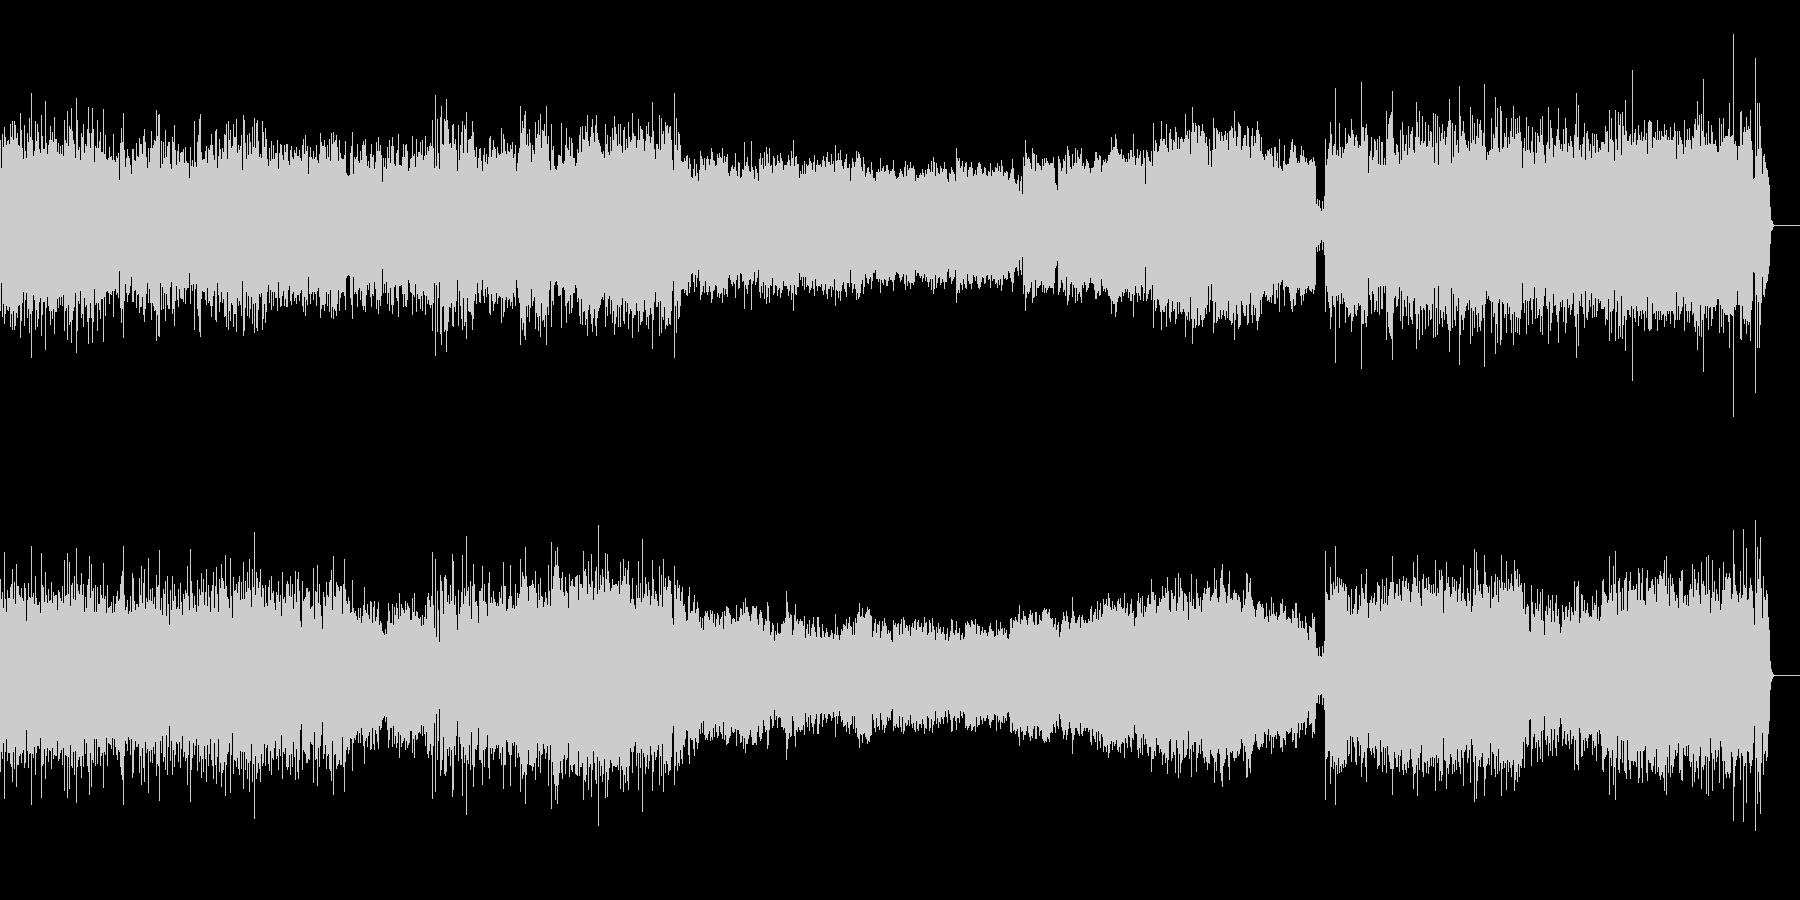 活発な吹奏楽のサウンドの未再生の波形